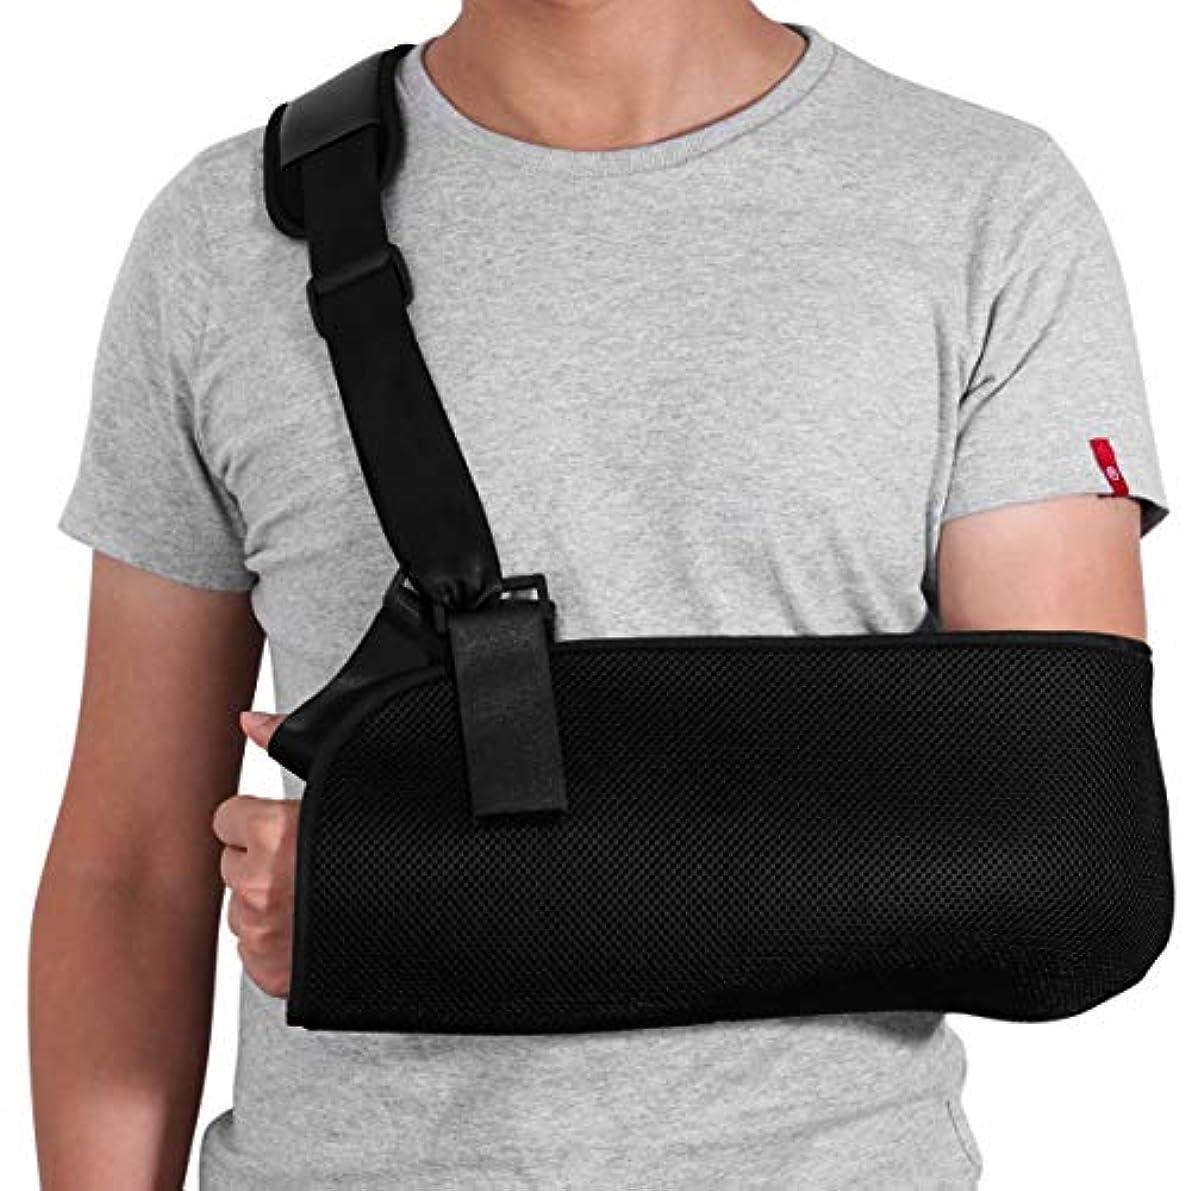 ジャンプ反発するベルHealifty アームスリングメディカルサポートストラップショルダーブレース肘サポート骨折した骨折した腕2ピース